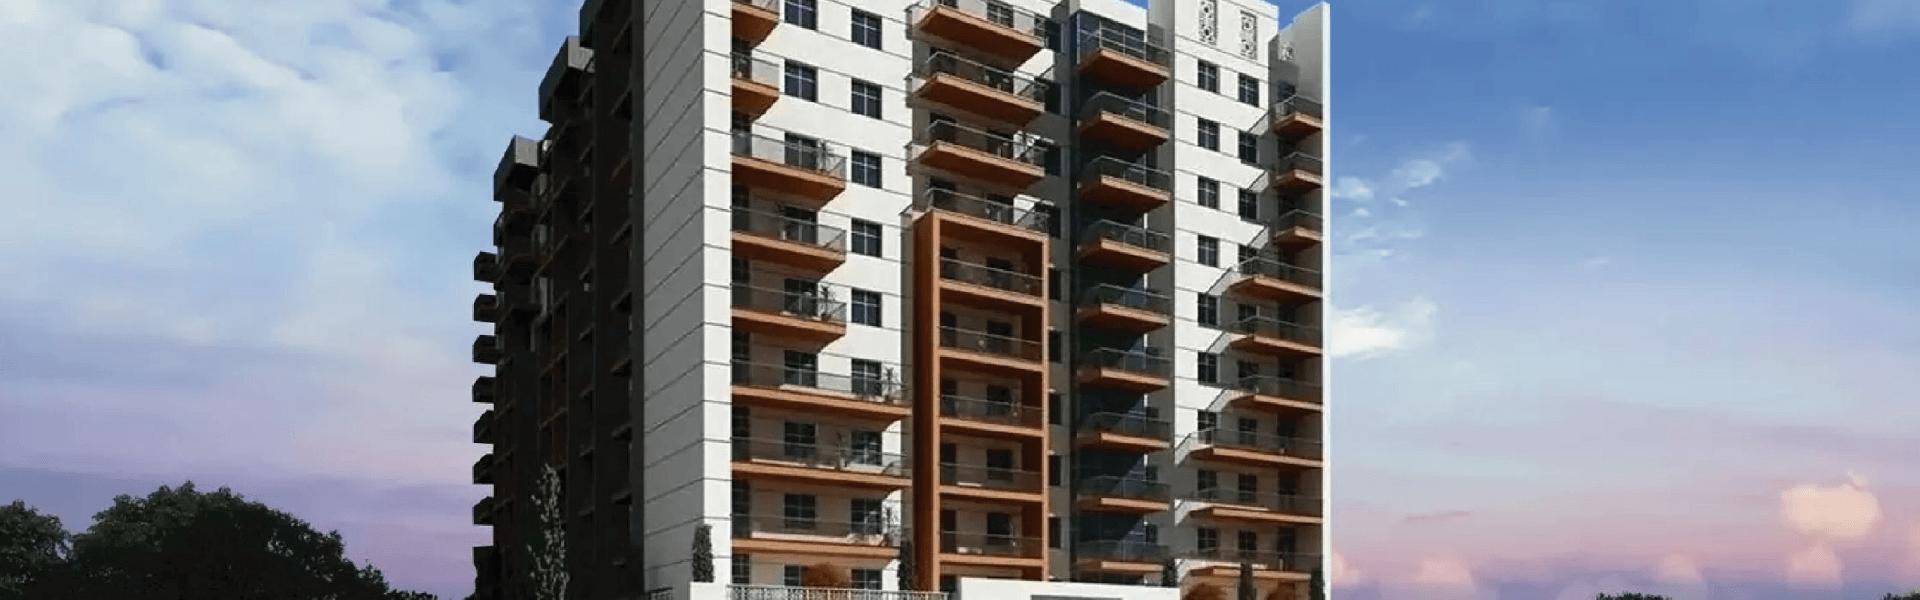 dubai real estate highlight azizi